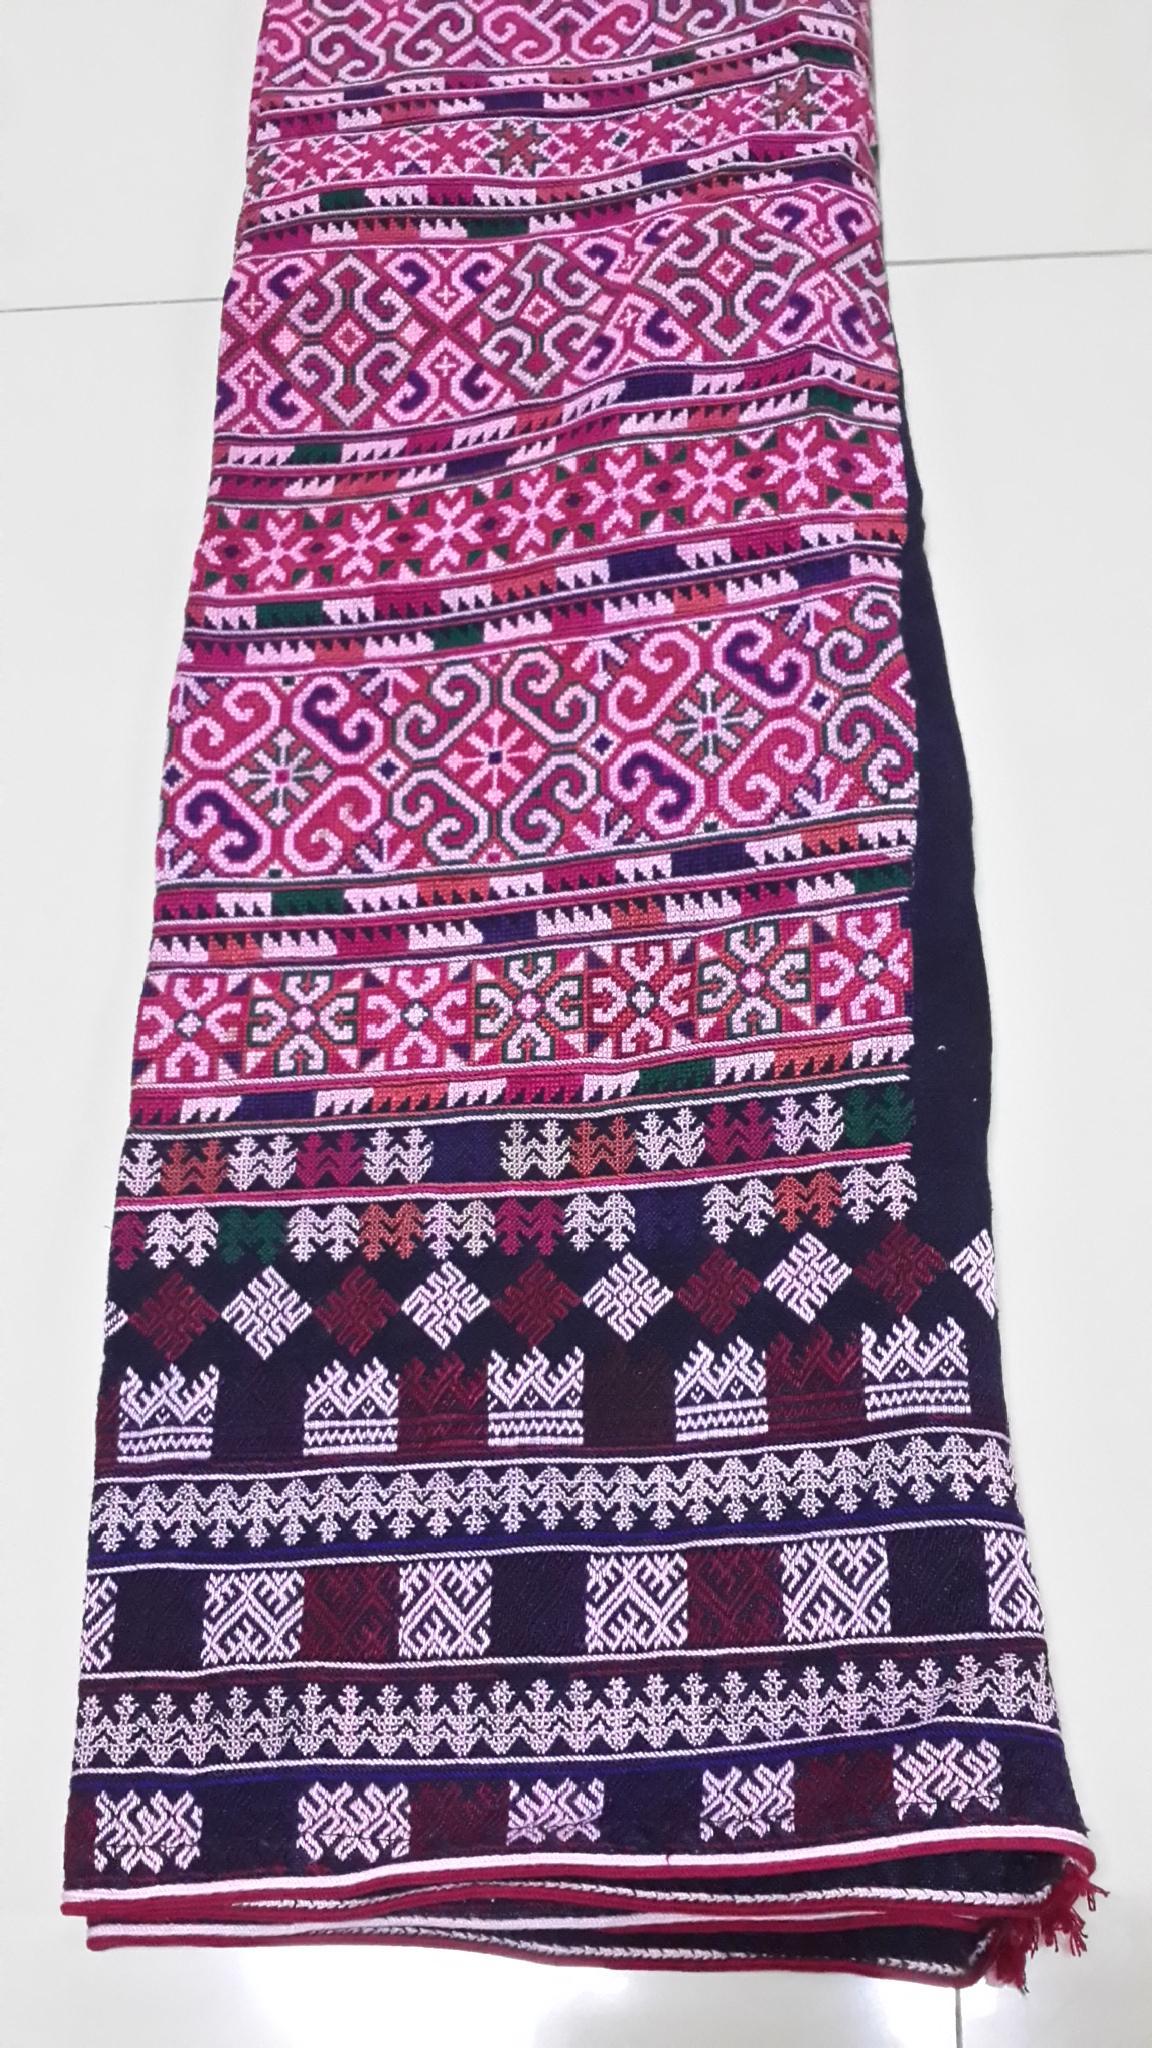 กางเกงผ้าปักมือโทนสีชมพู ลายโบราญ+ประยุกต์